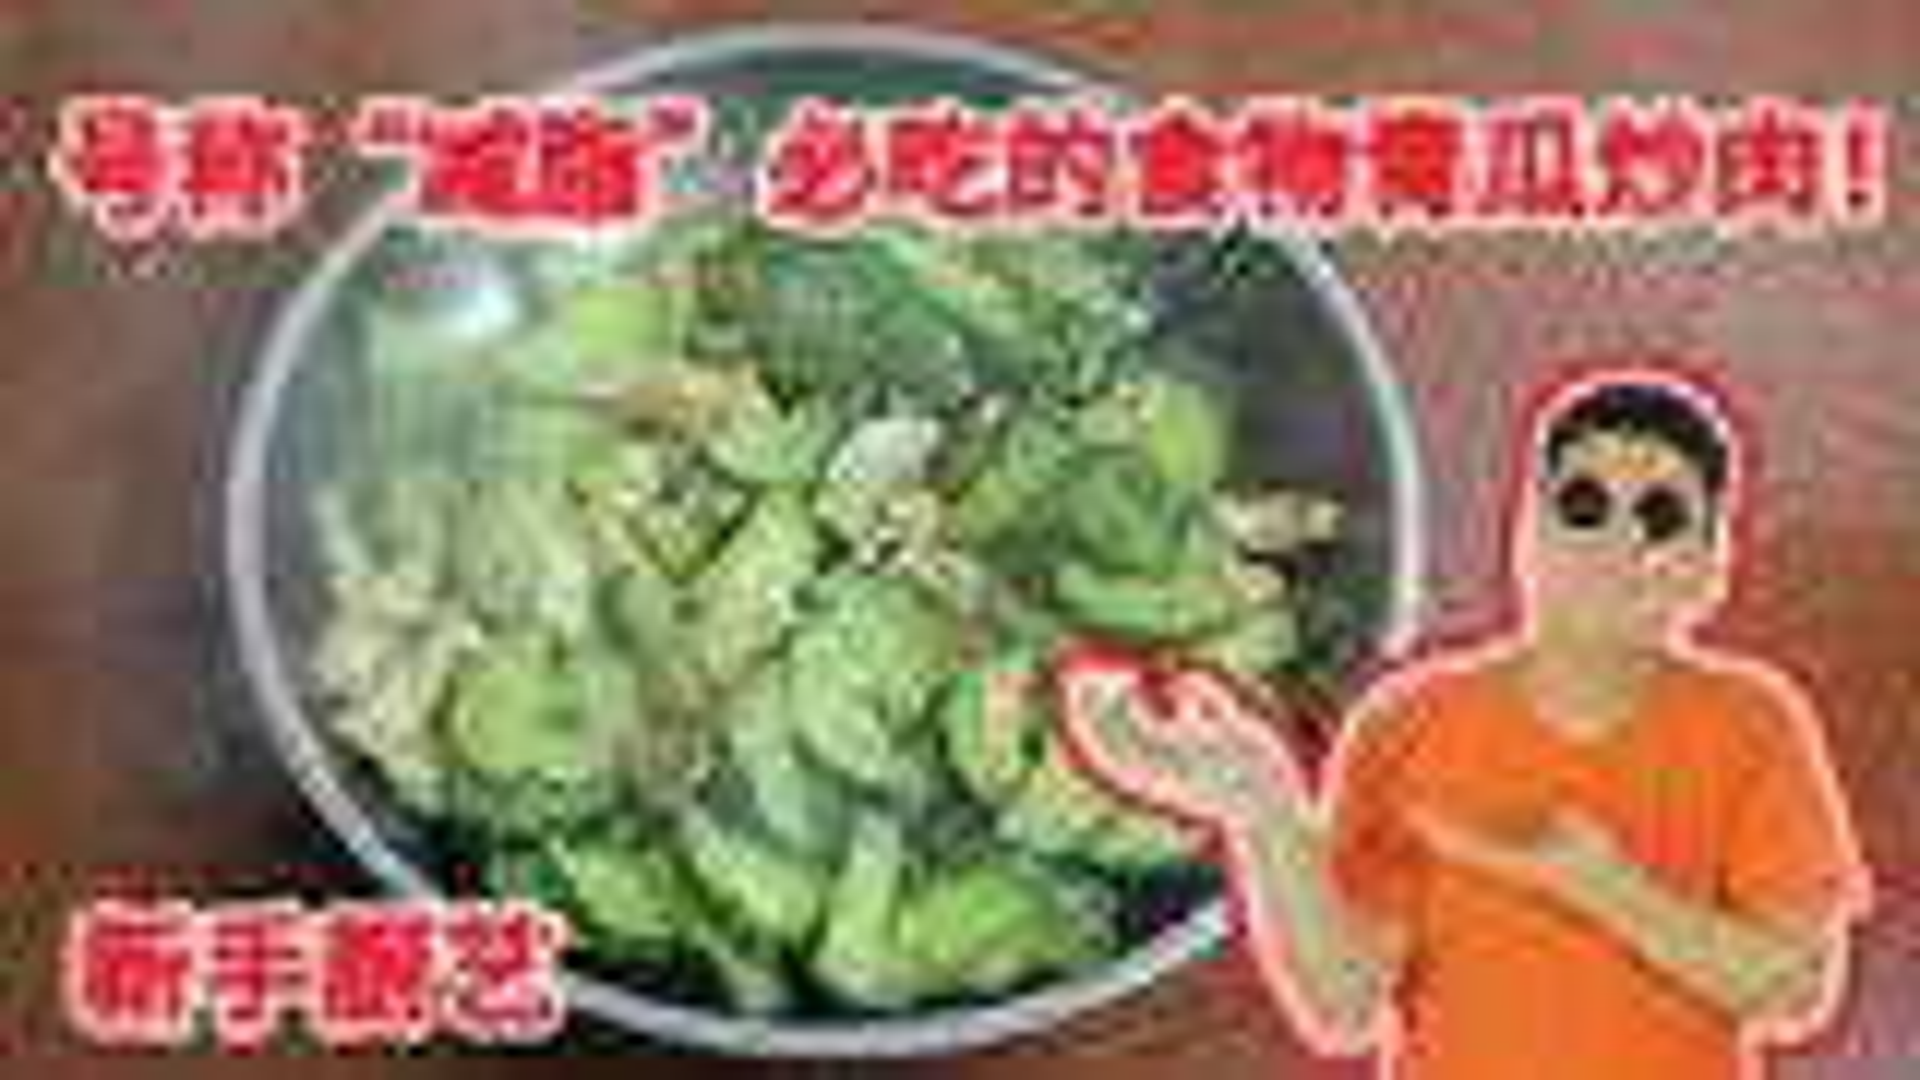 """家常菜青瓜炒肉,有称""""减脂杀手""""的食物,吃了真的会瘦吗?"""